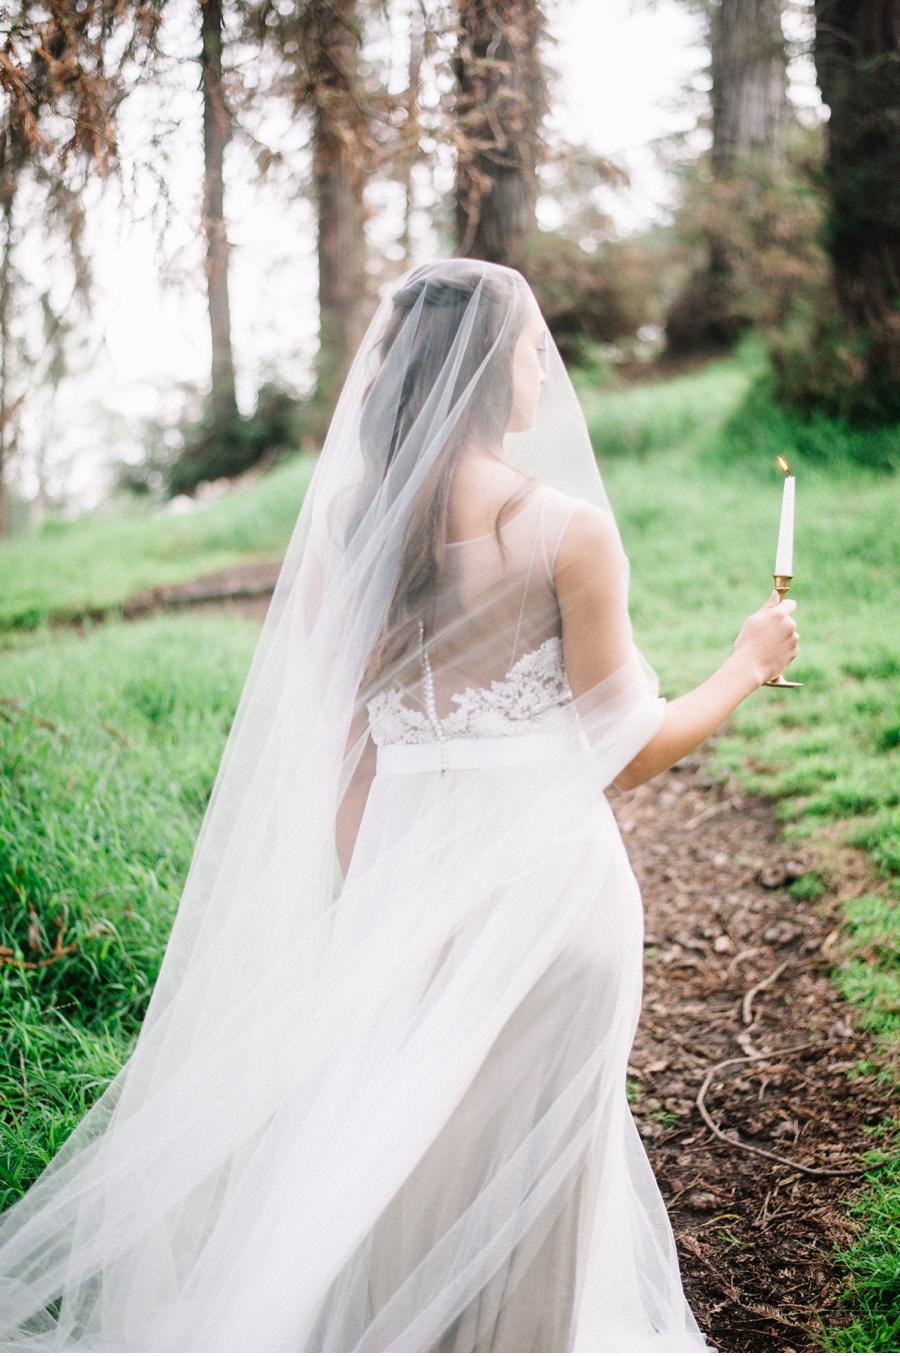 West-Coast-Wedding-Inspiration